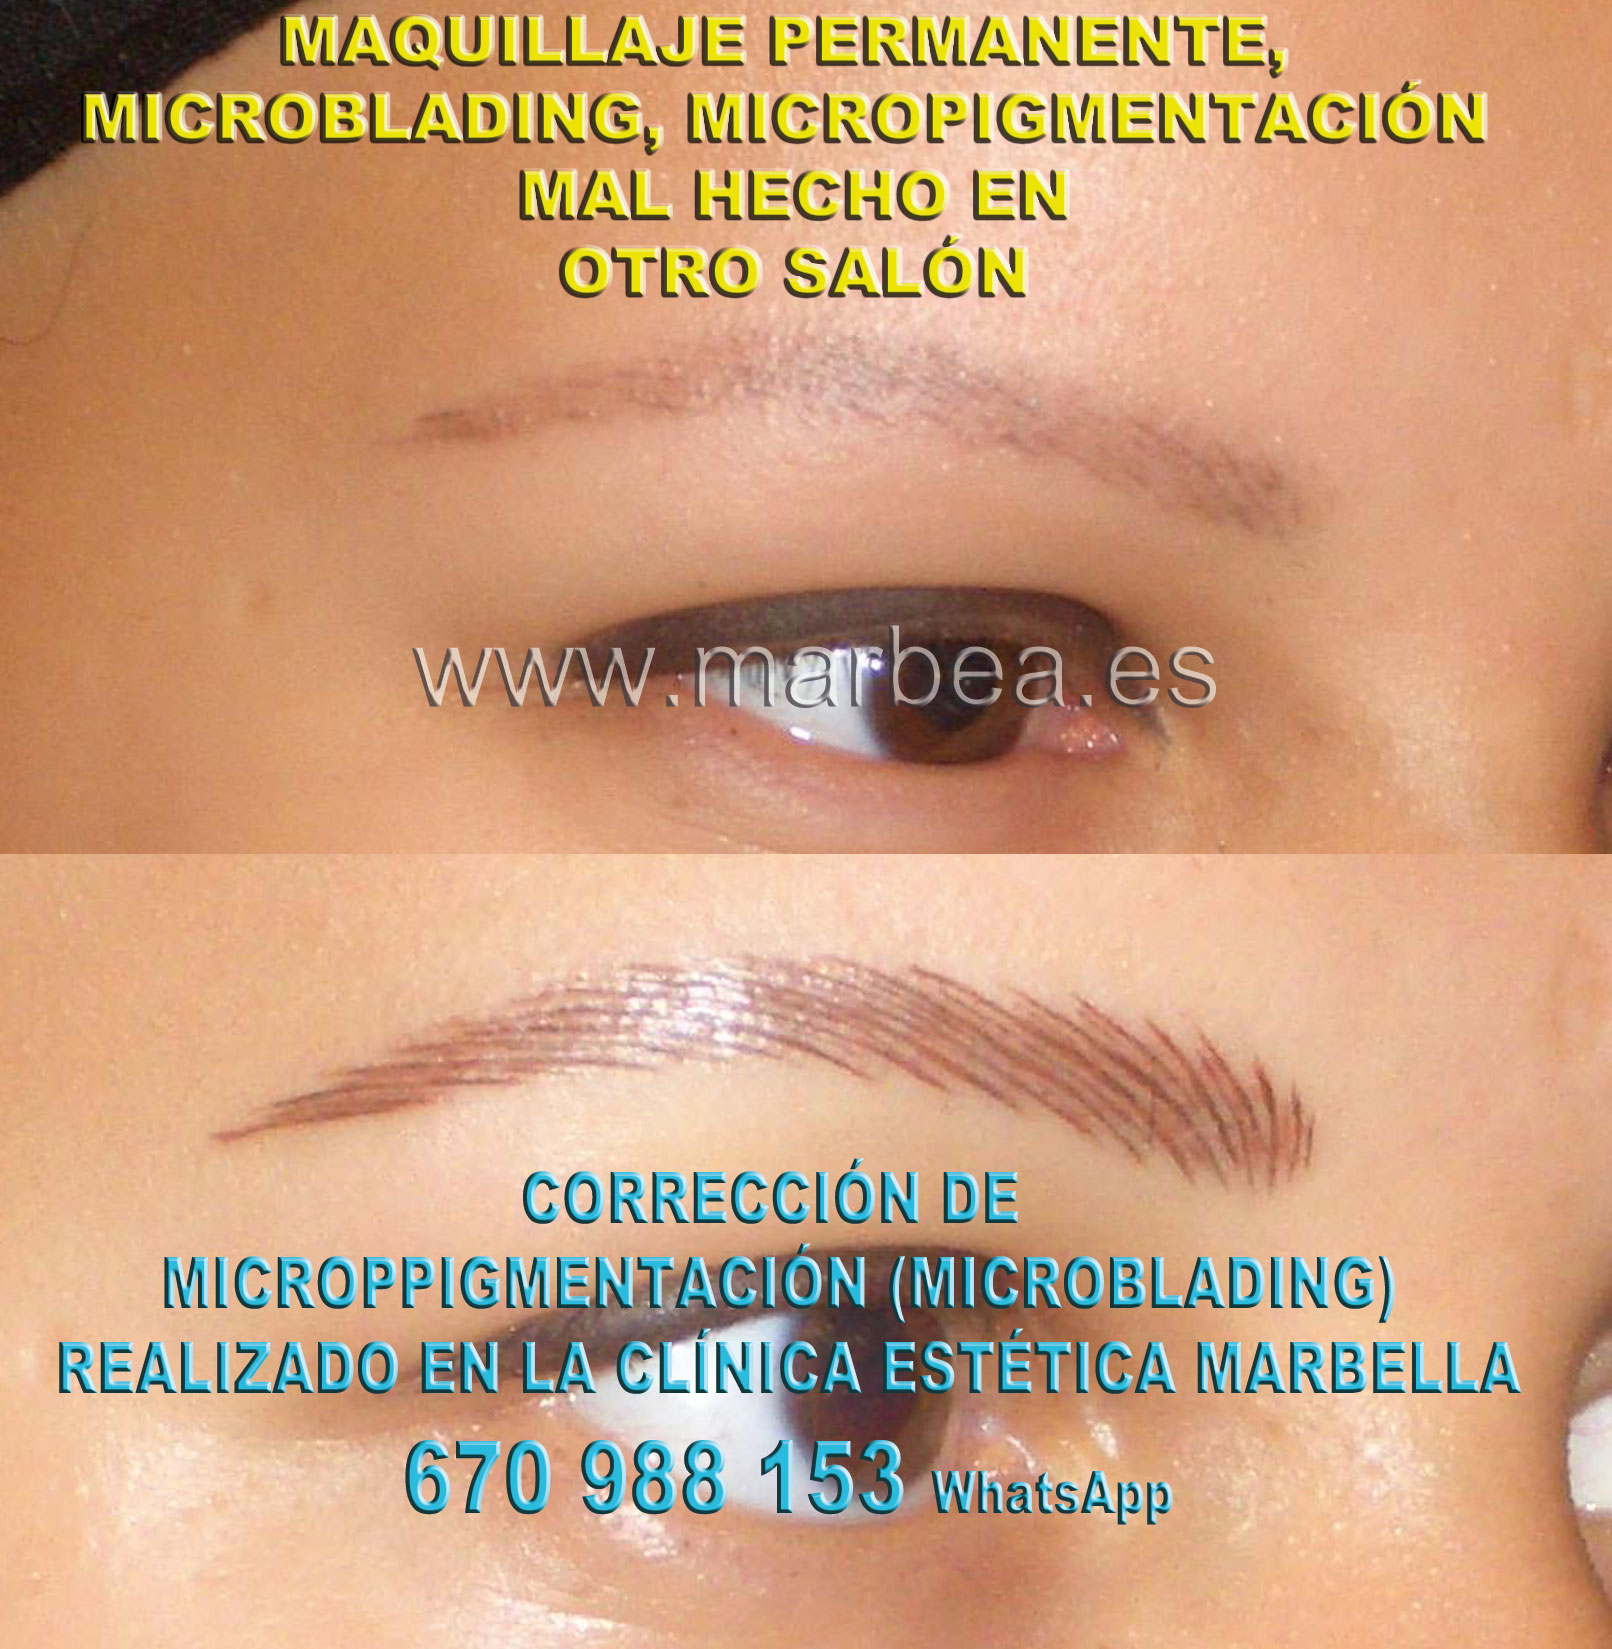 MAQUILLAJE PERMANENTE CEJAS MAL HECHO clínica estética maquillaje semipermanente propone micropigmentacion correctiva de cejas,corregir micropigmentación no deseada